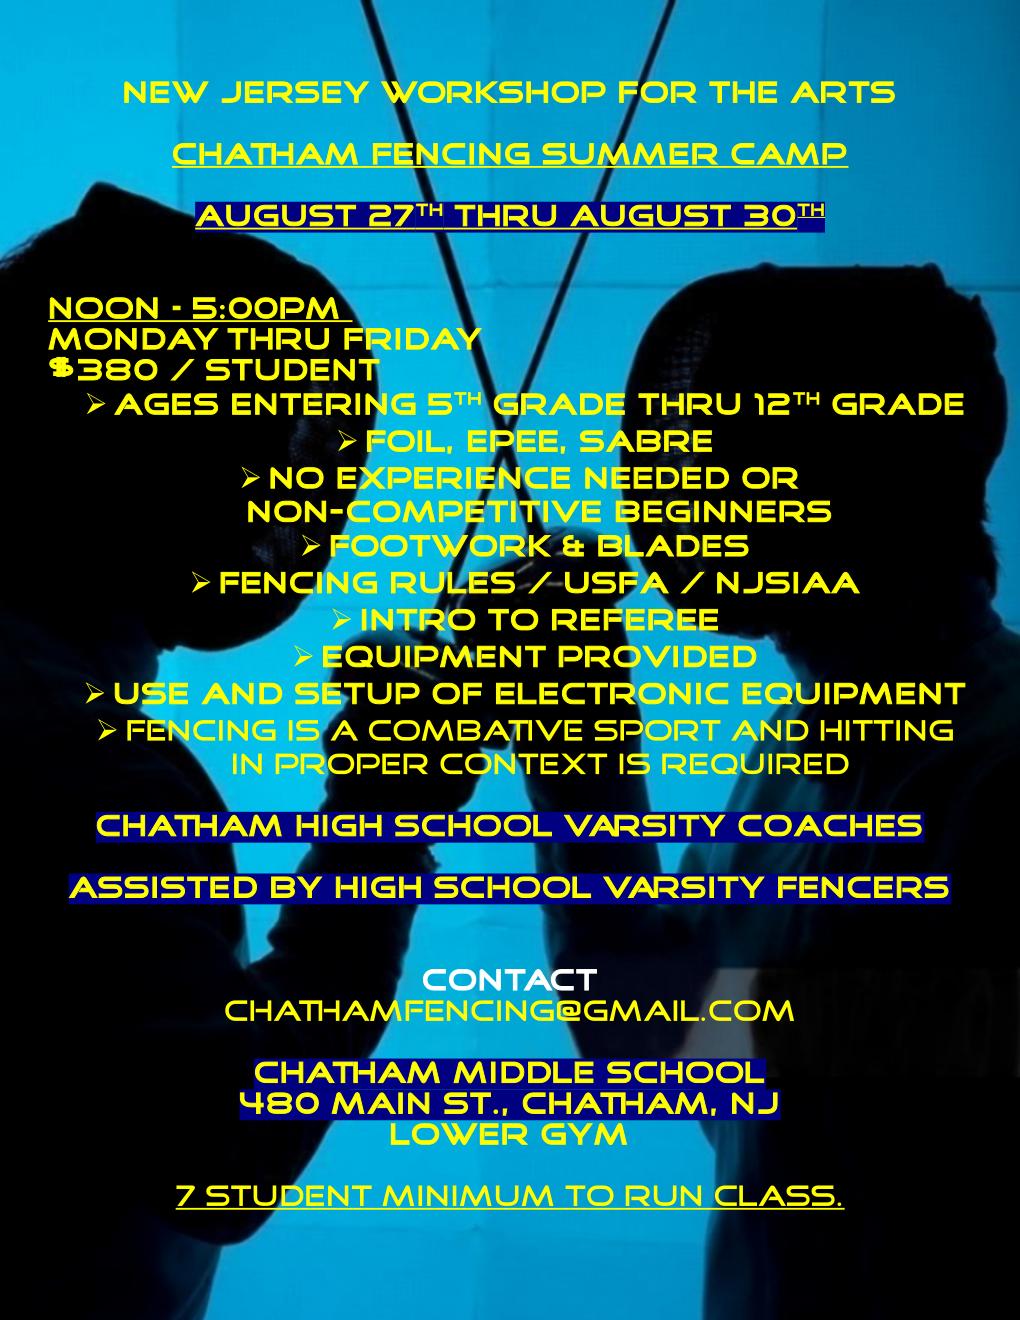 9f39037b7882ba9af7d6_Chatham_Fencing_Summer_Camp_Flyer_2018-08_August.jpg